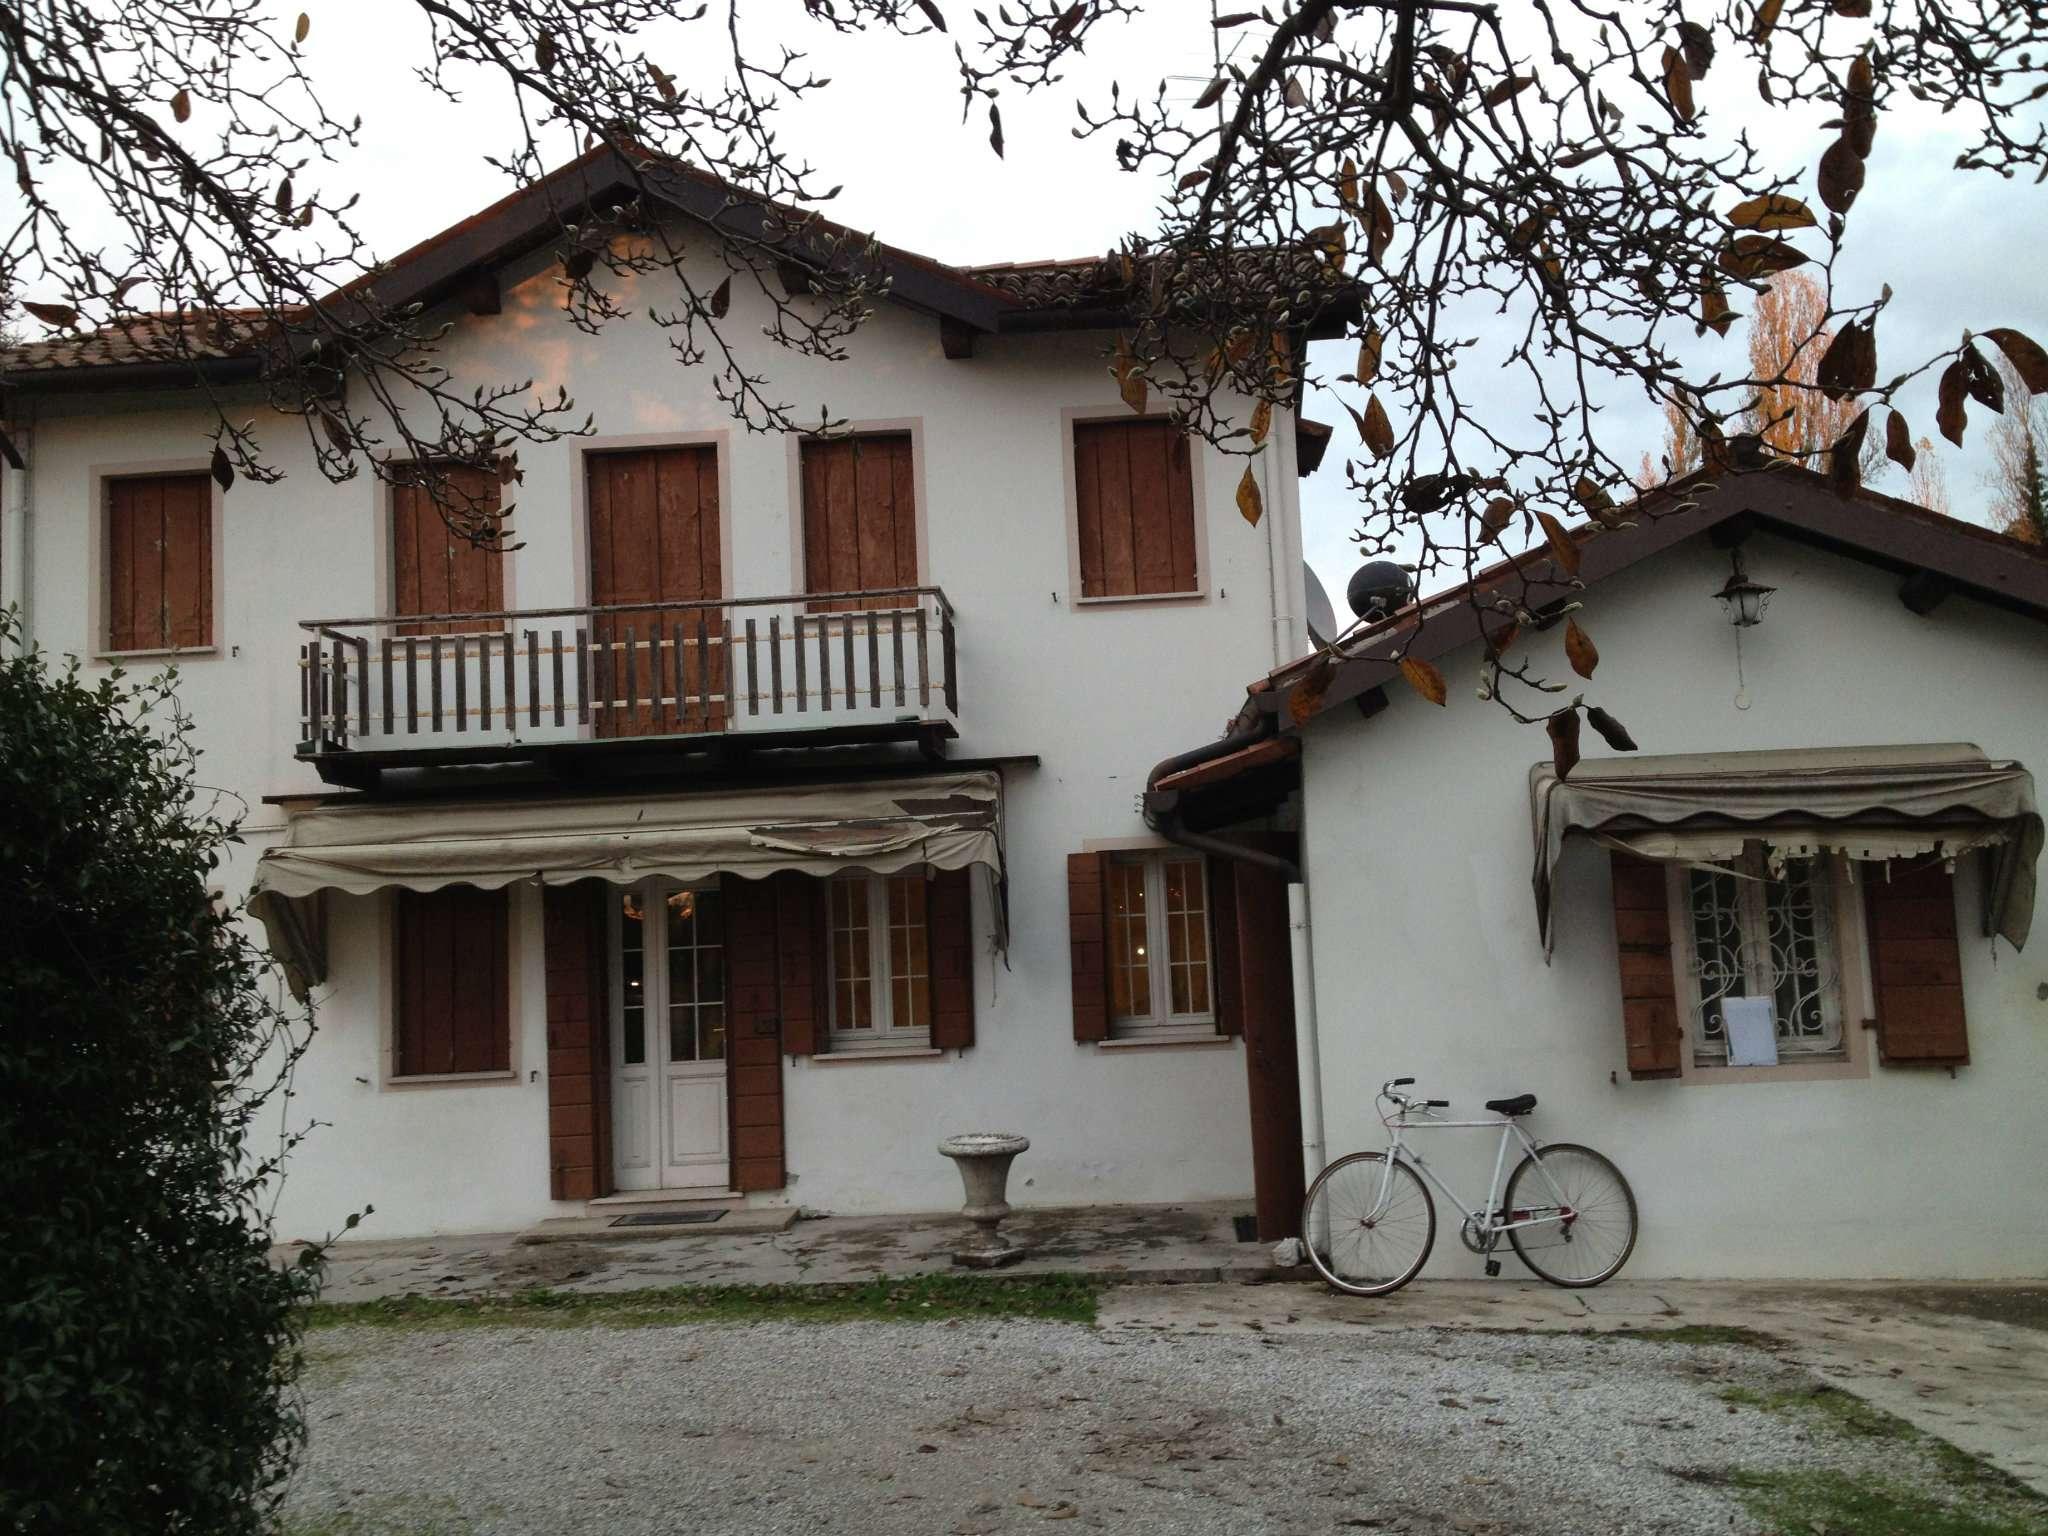 Venezia dolo in vendita waa2 for Casa di 900 metri quadrati in vendita